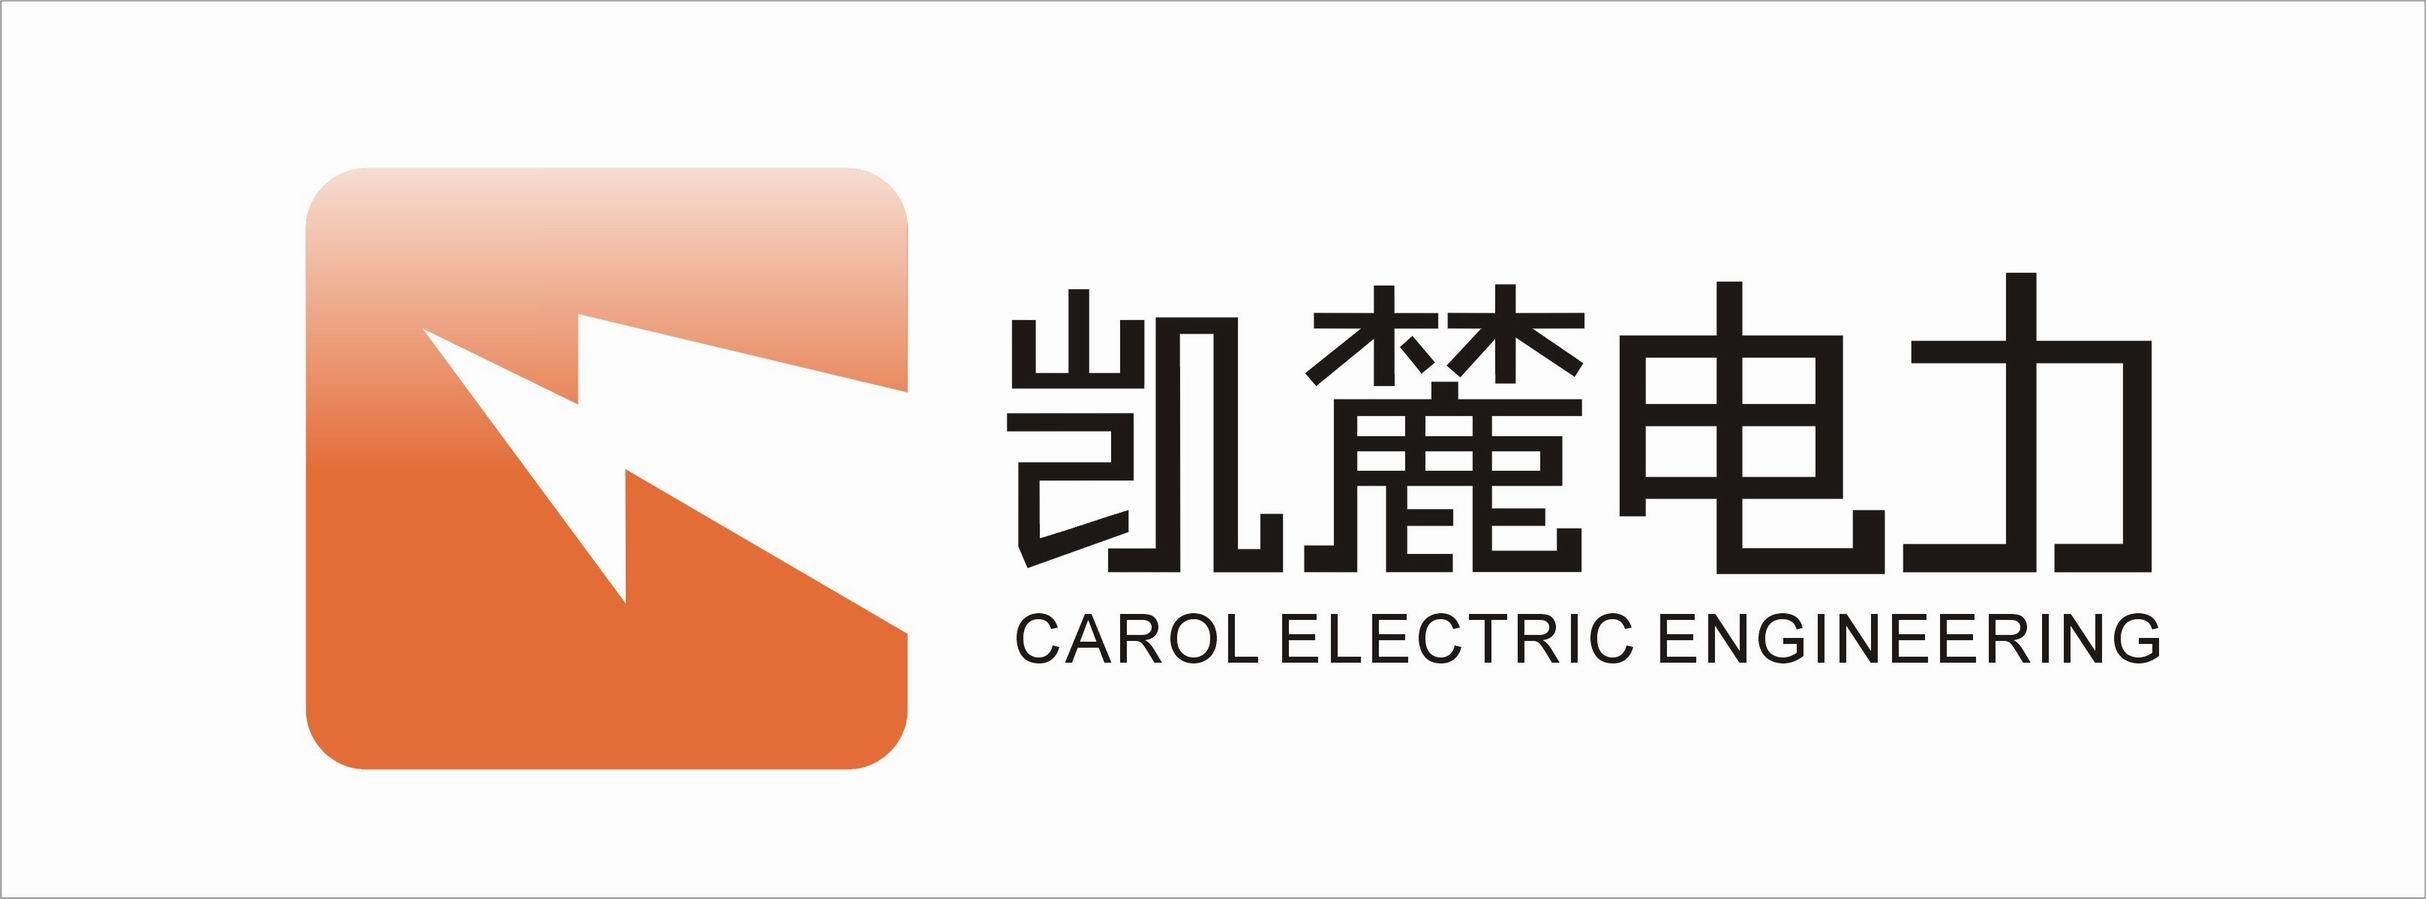 上海凯麓电力工程有限公司